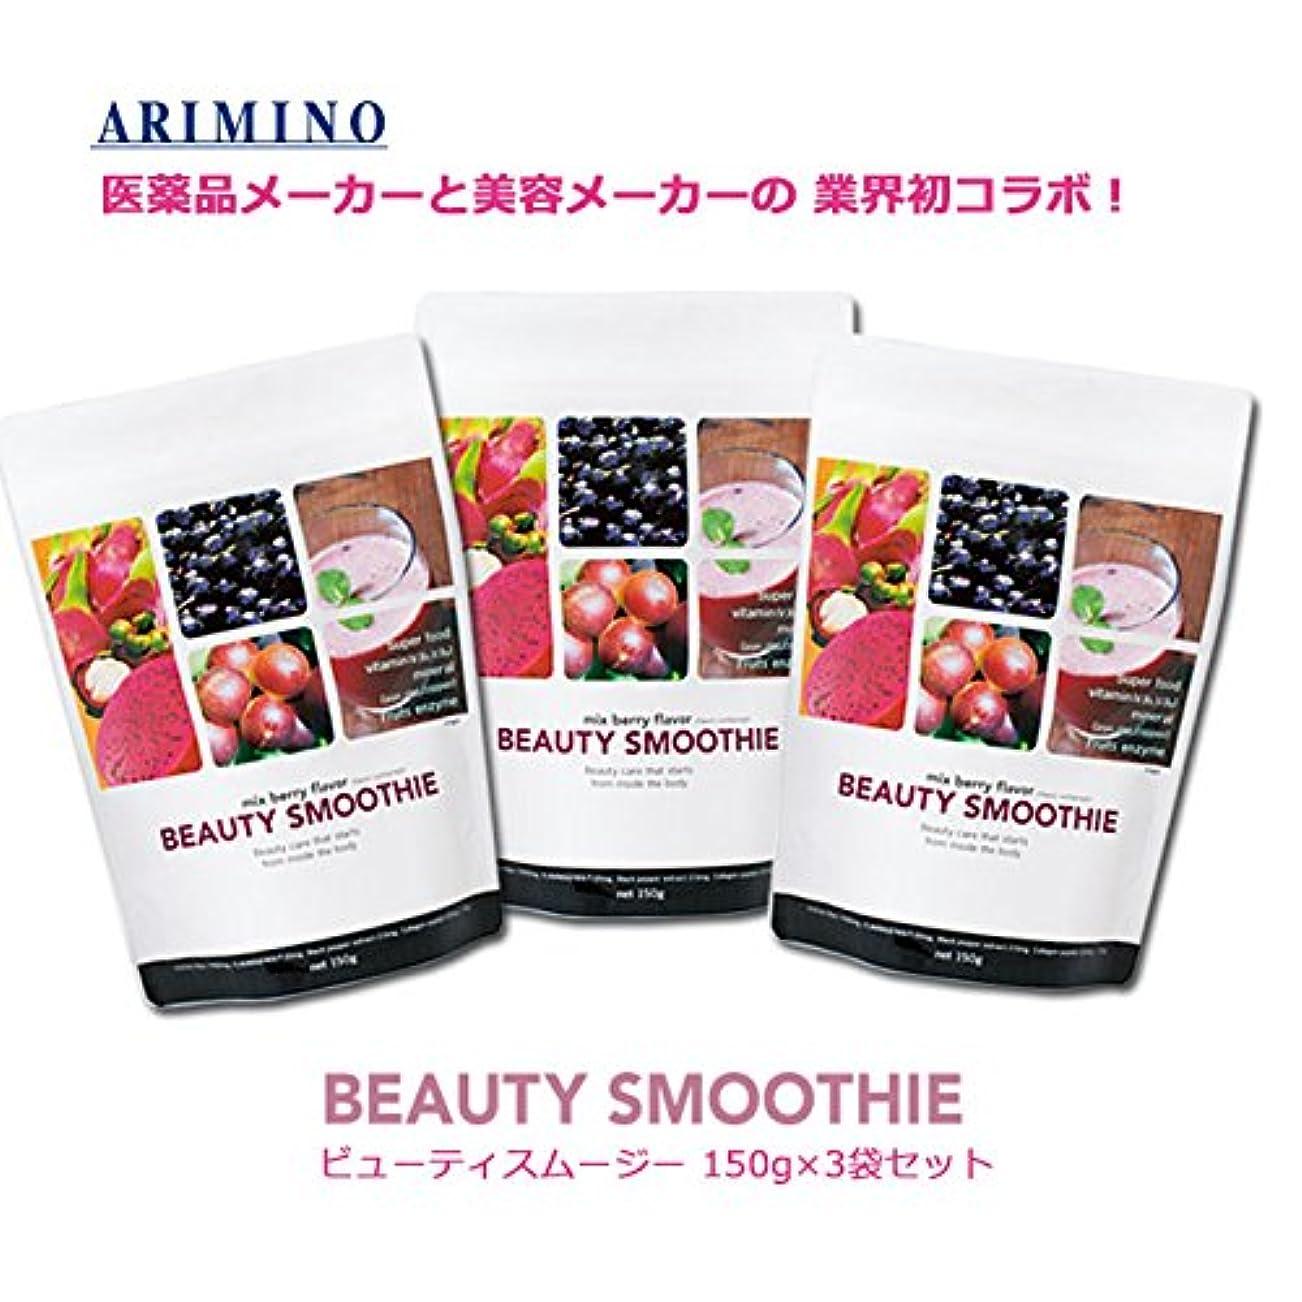 飢机気晴らし【3個セット】 ARIMINO BEAUTY SMOOTHIE アリミノ ビューティスムージー 150g